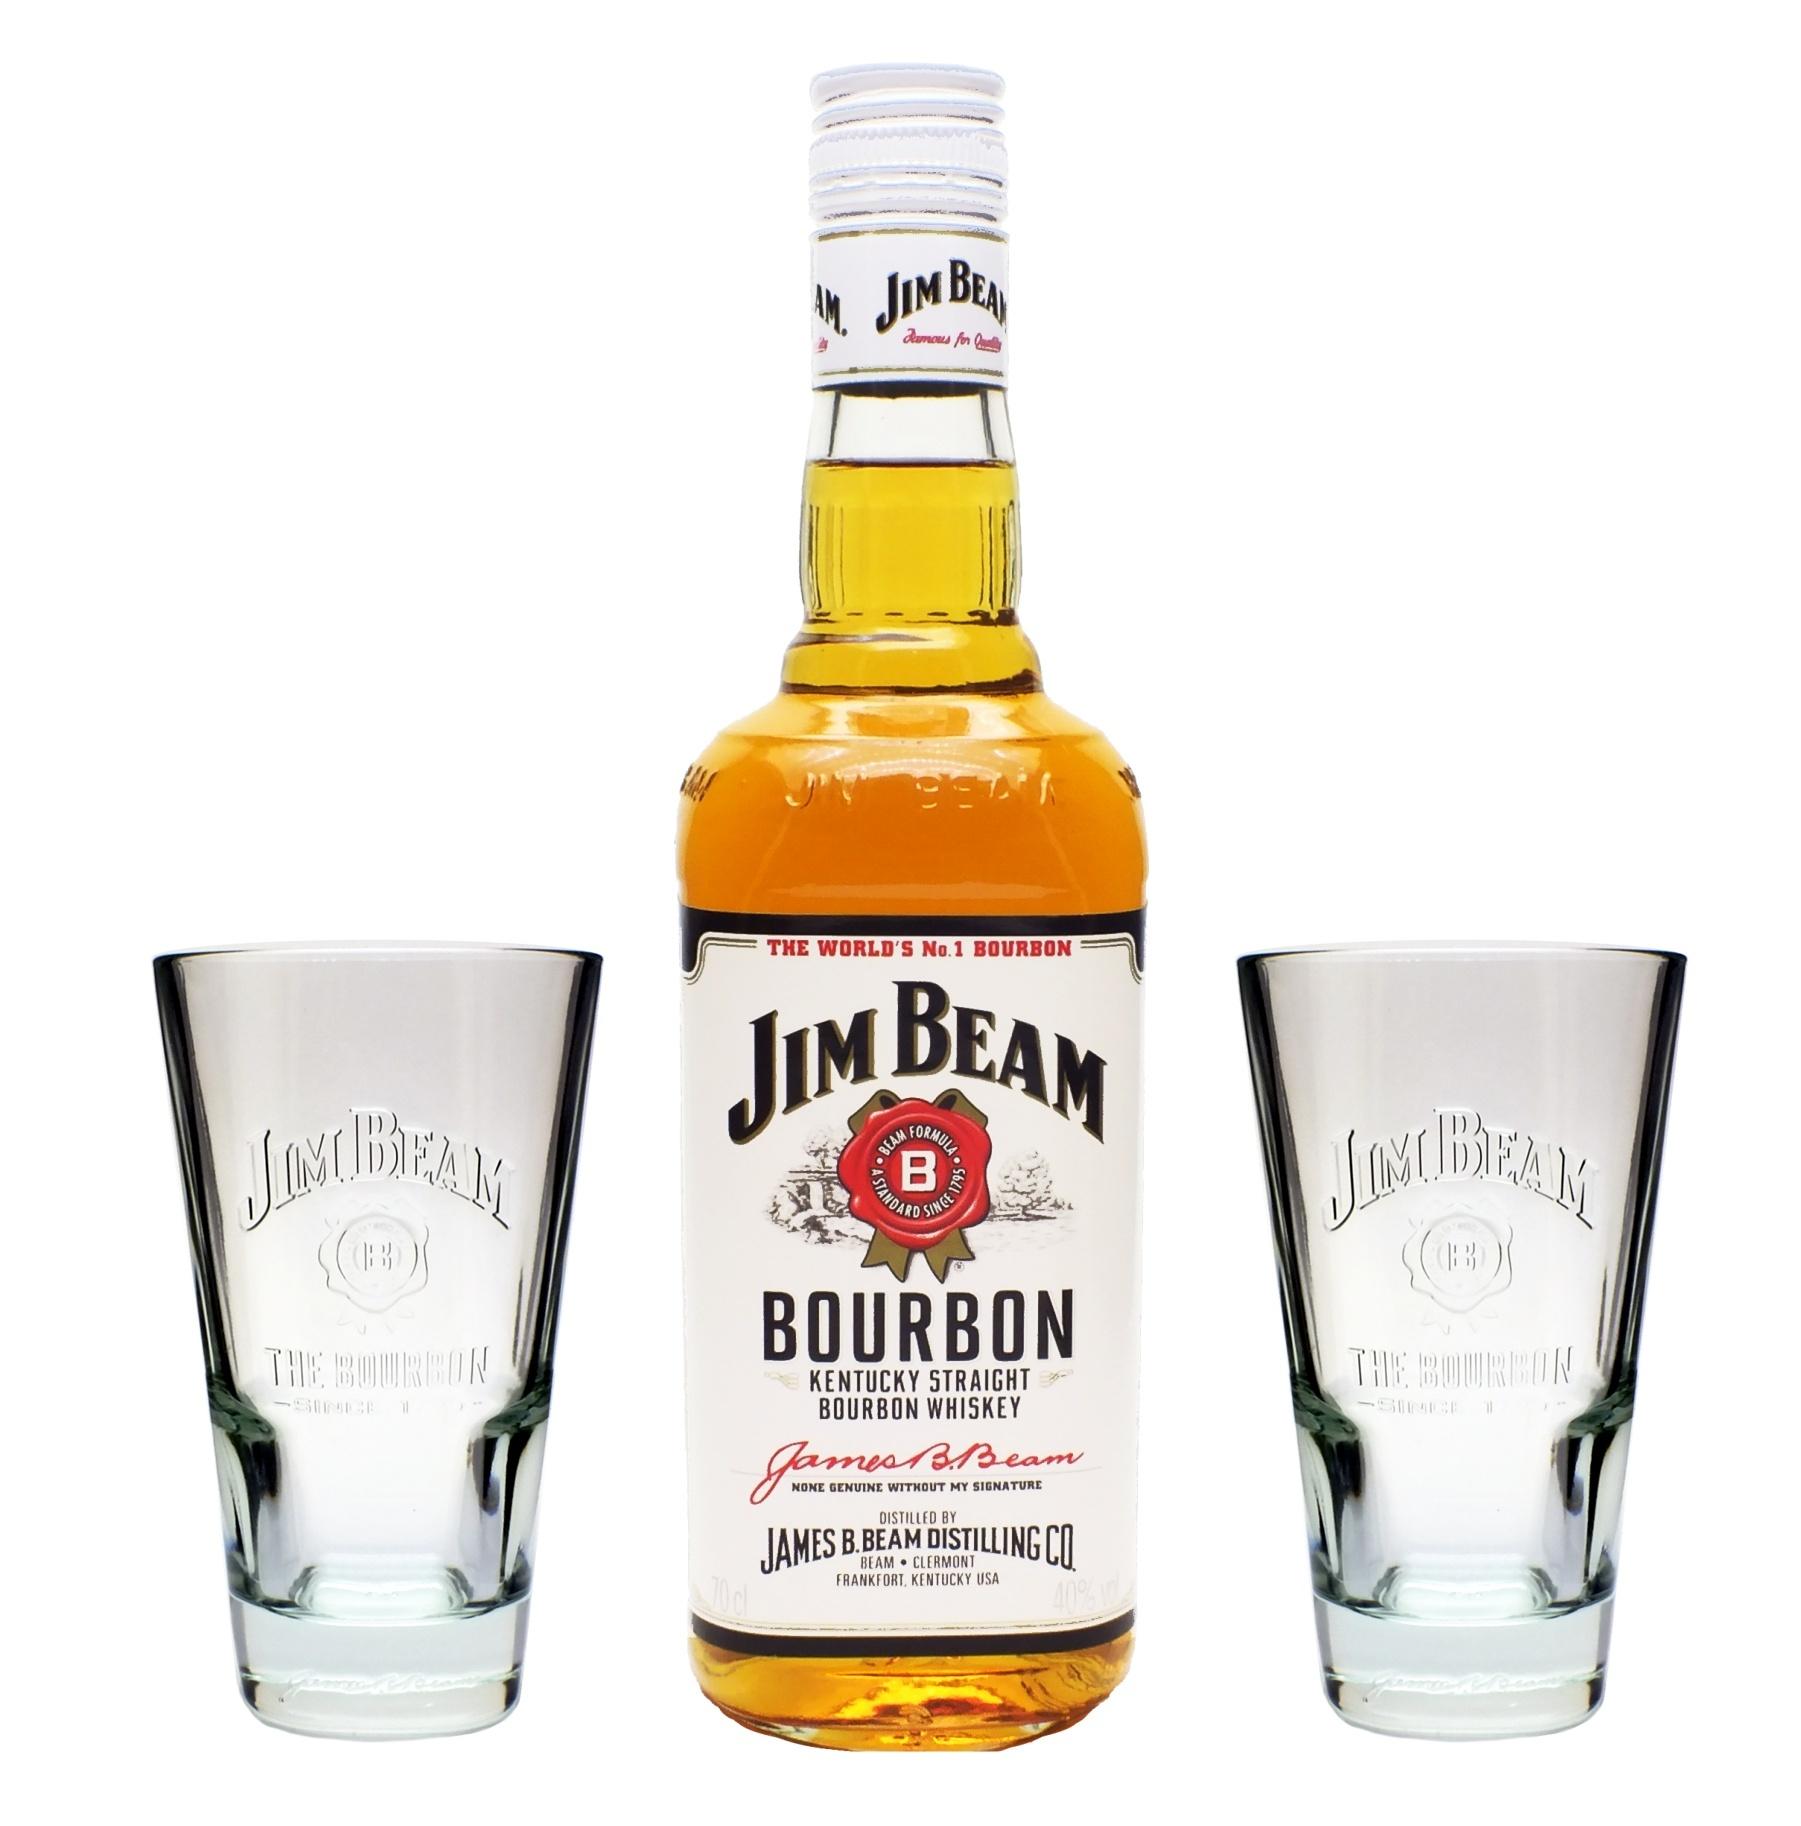 jim beam bourbon whiskey 40 0 7l 2 longdrink gl ser ebay. Black Bedroom Furniture Sets. Home Design Ideas